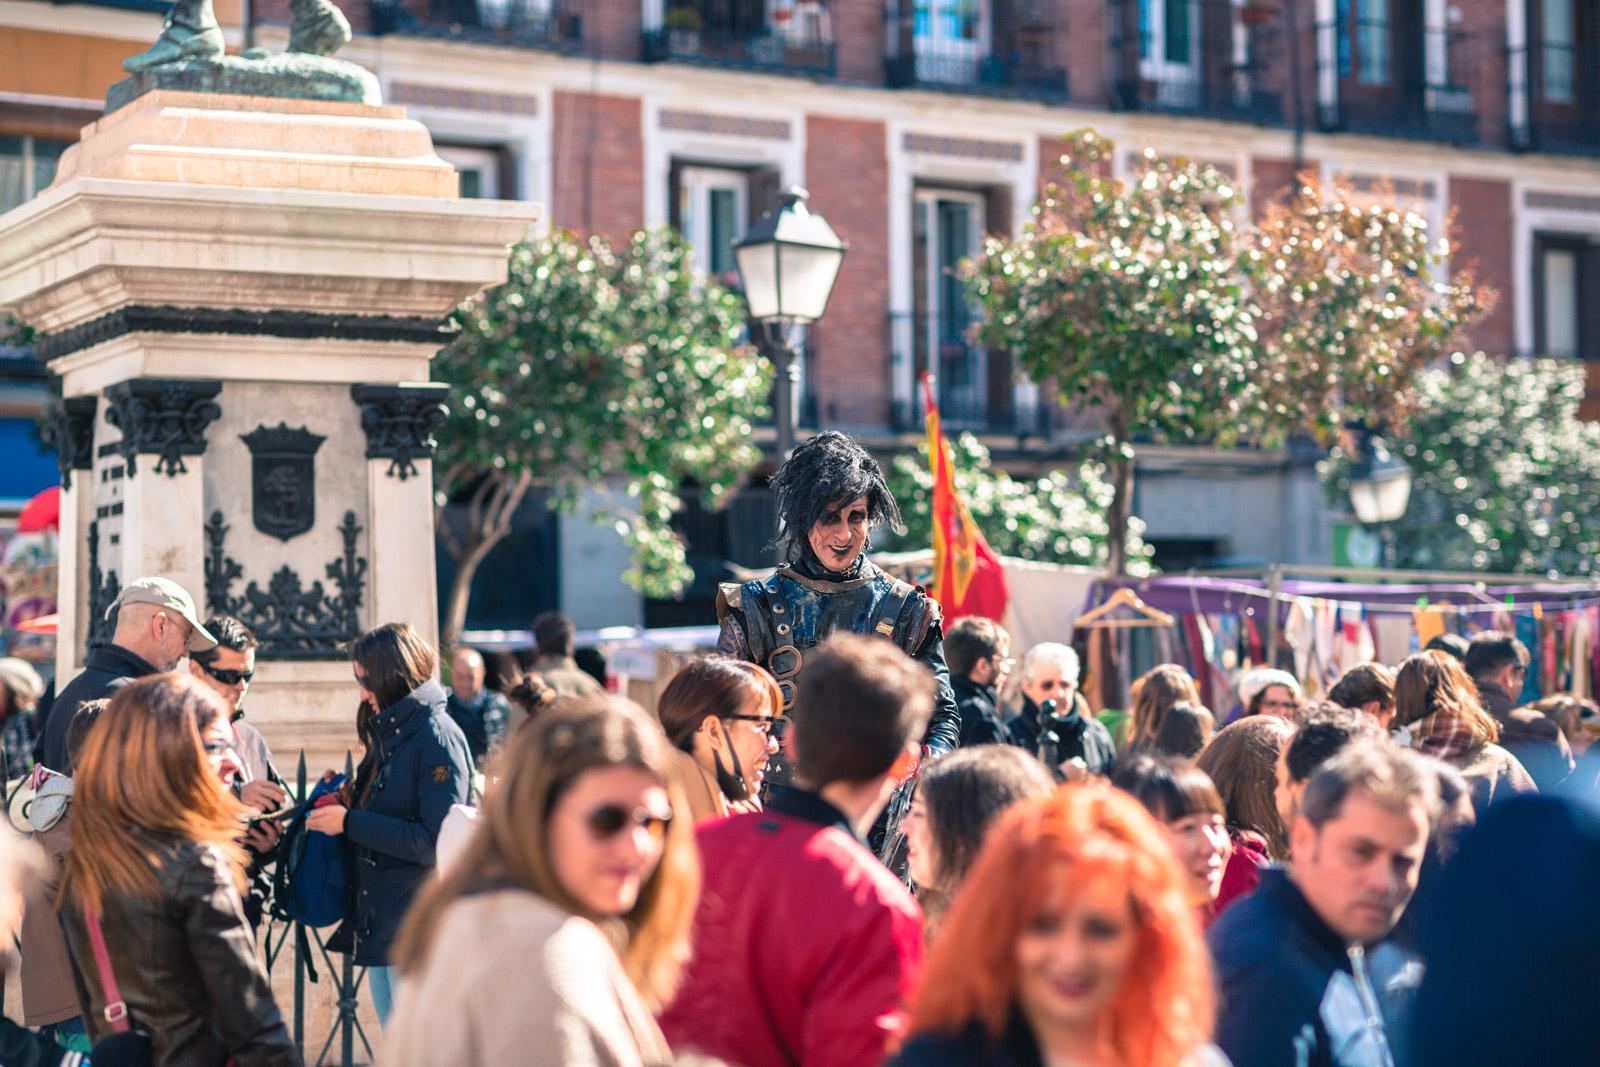 Loppemarked i Madrid